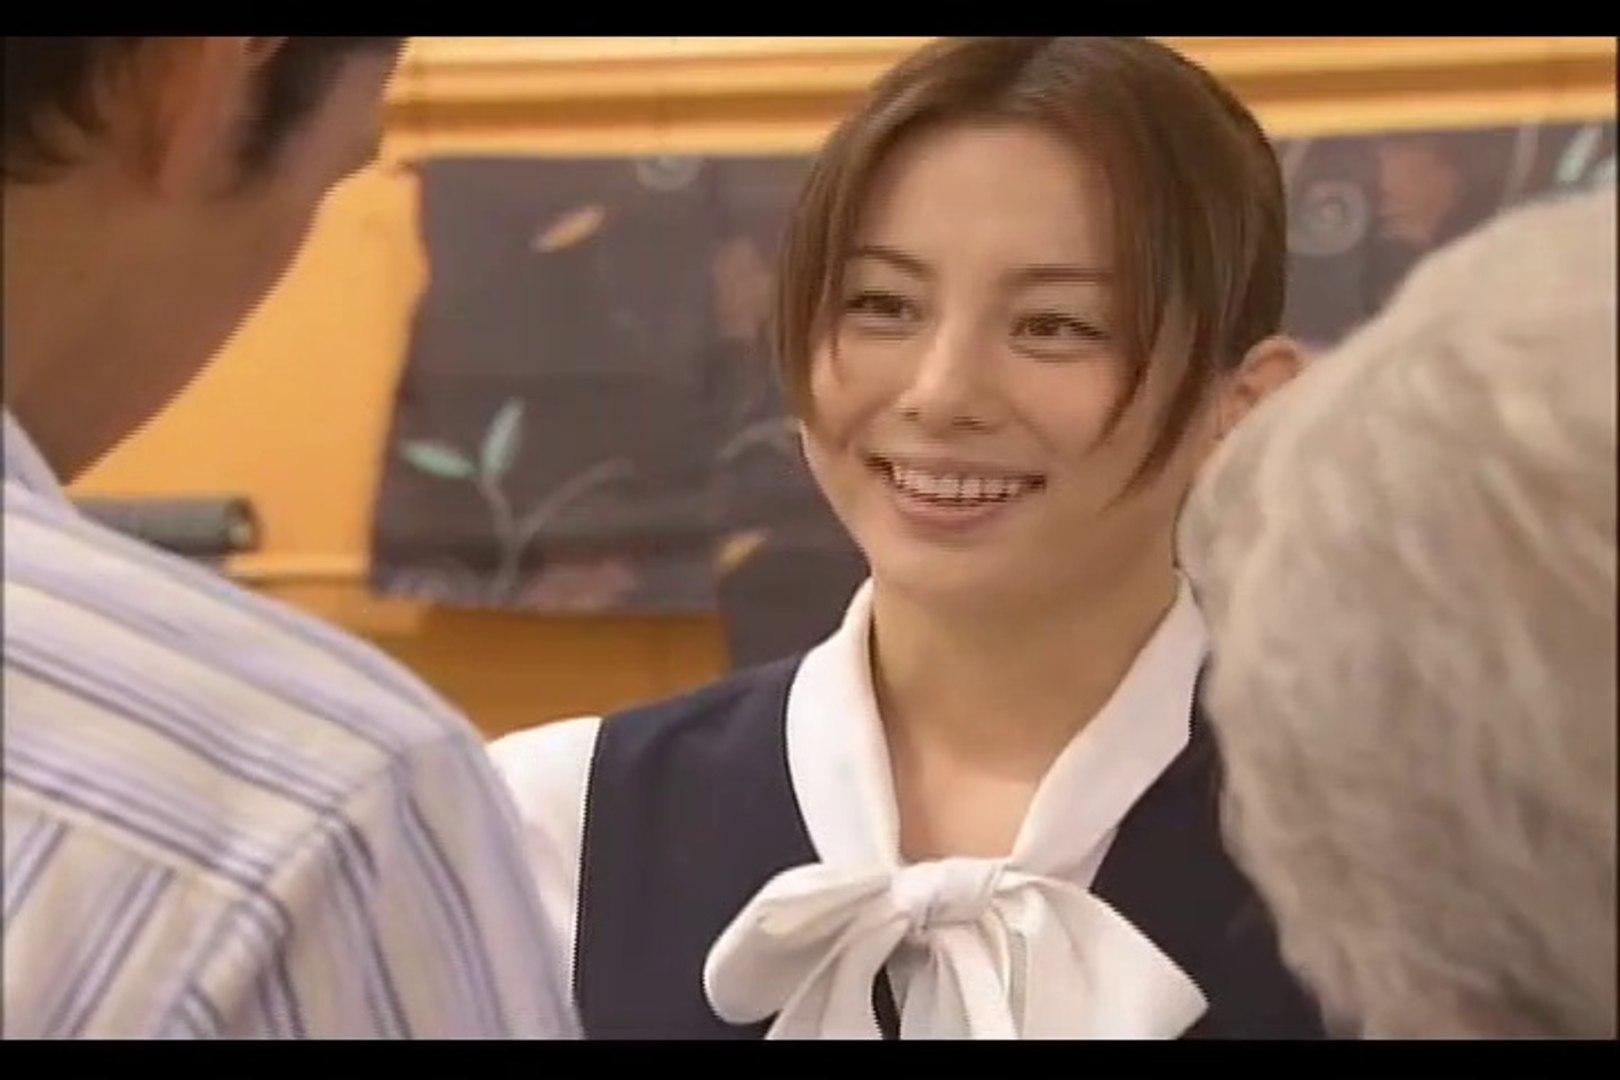 女系家族 米倉涼子 高島礼子 制作発表 特典映像 - 動画 Dailymotion